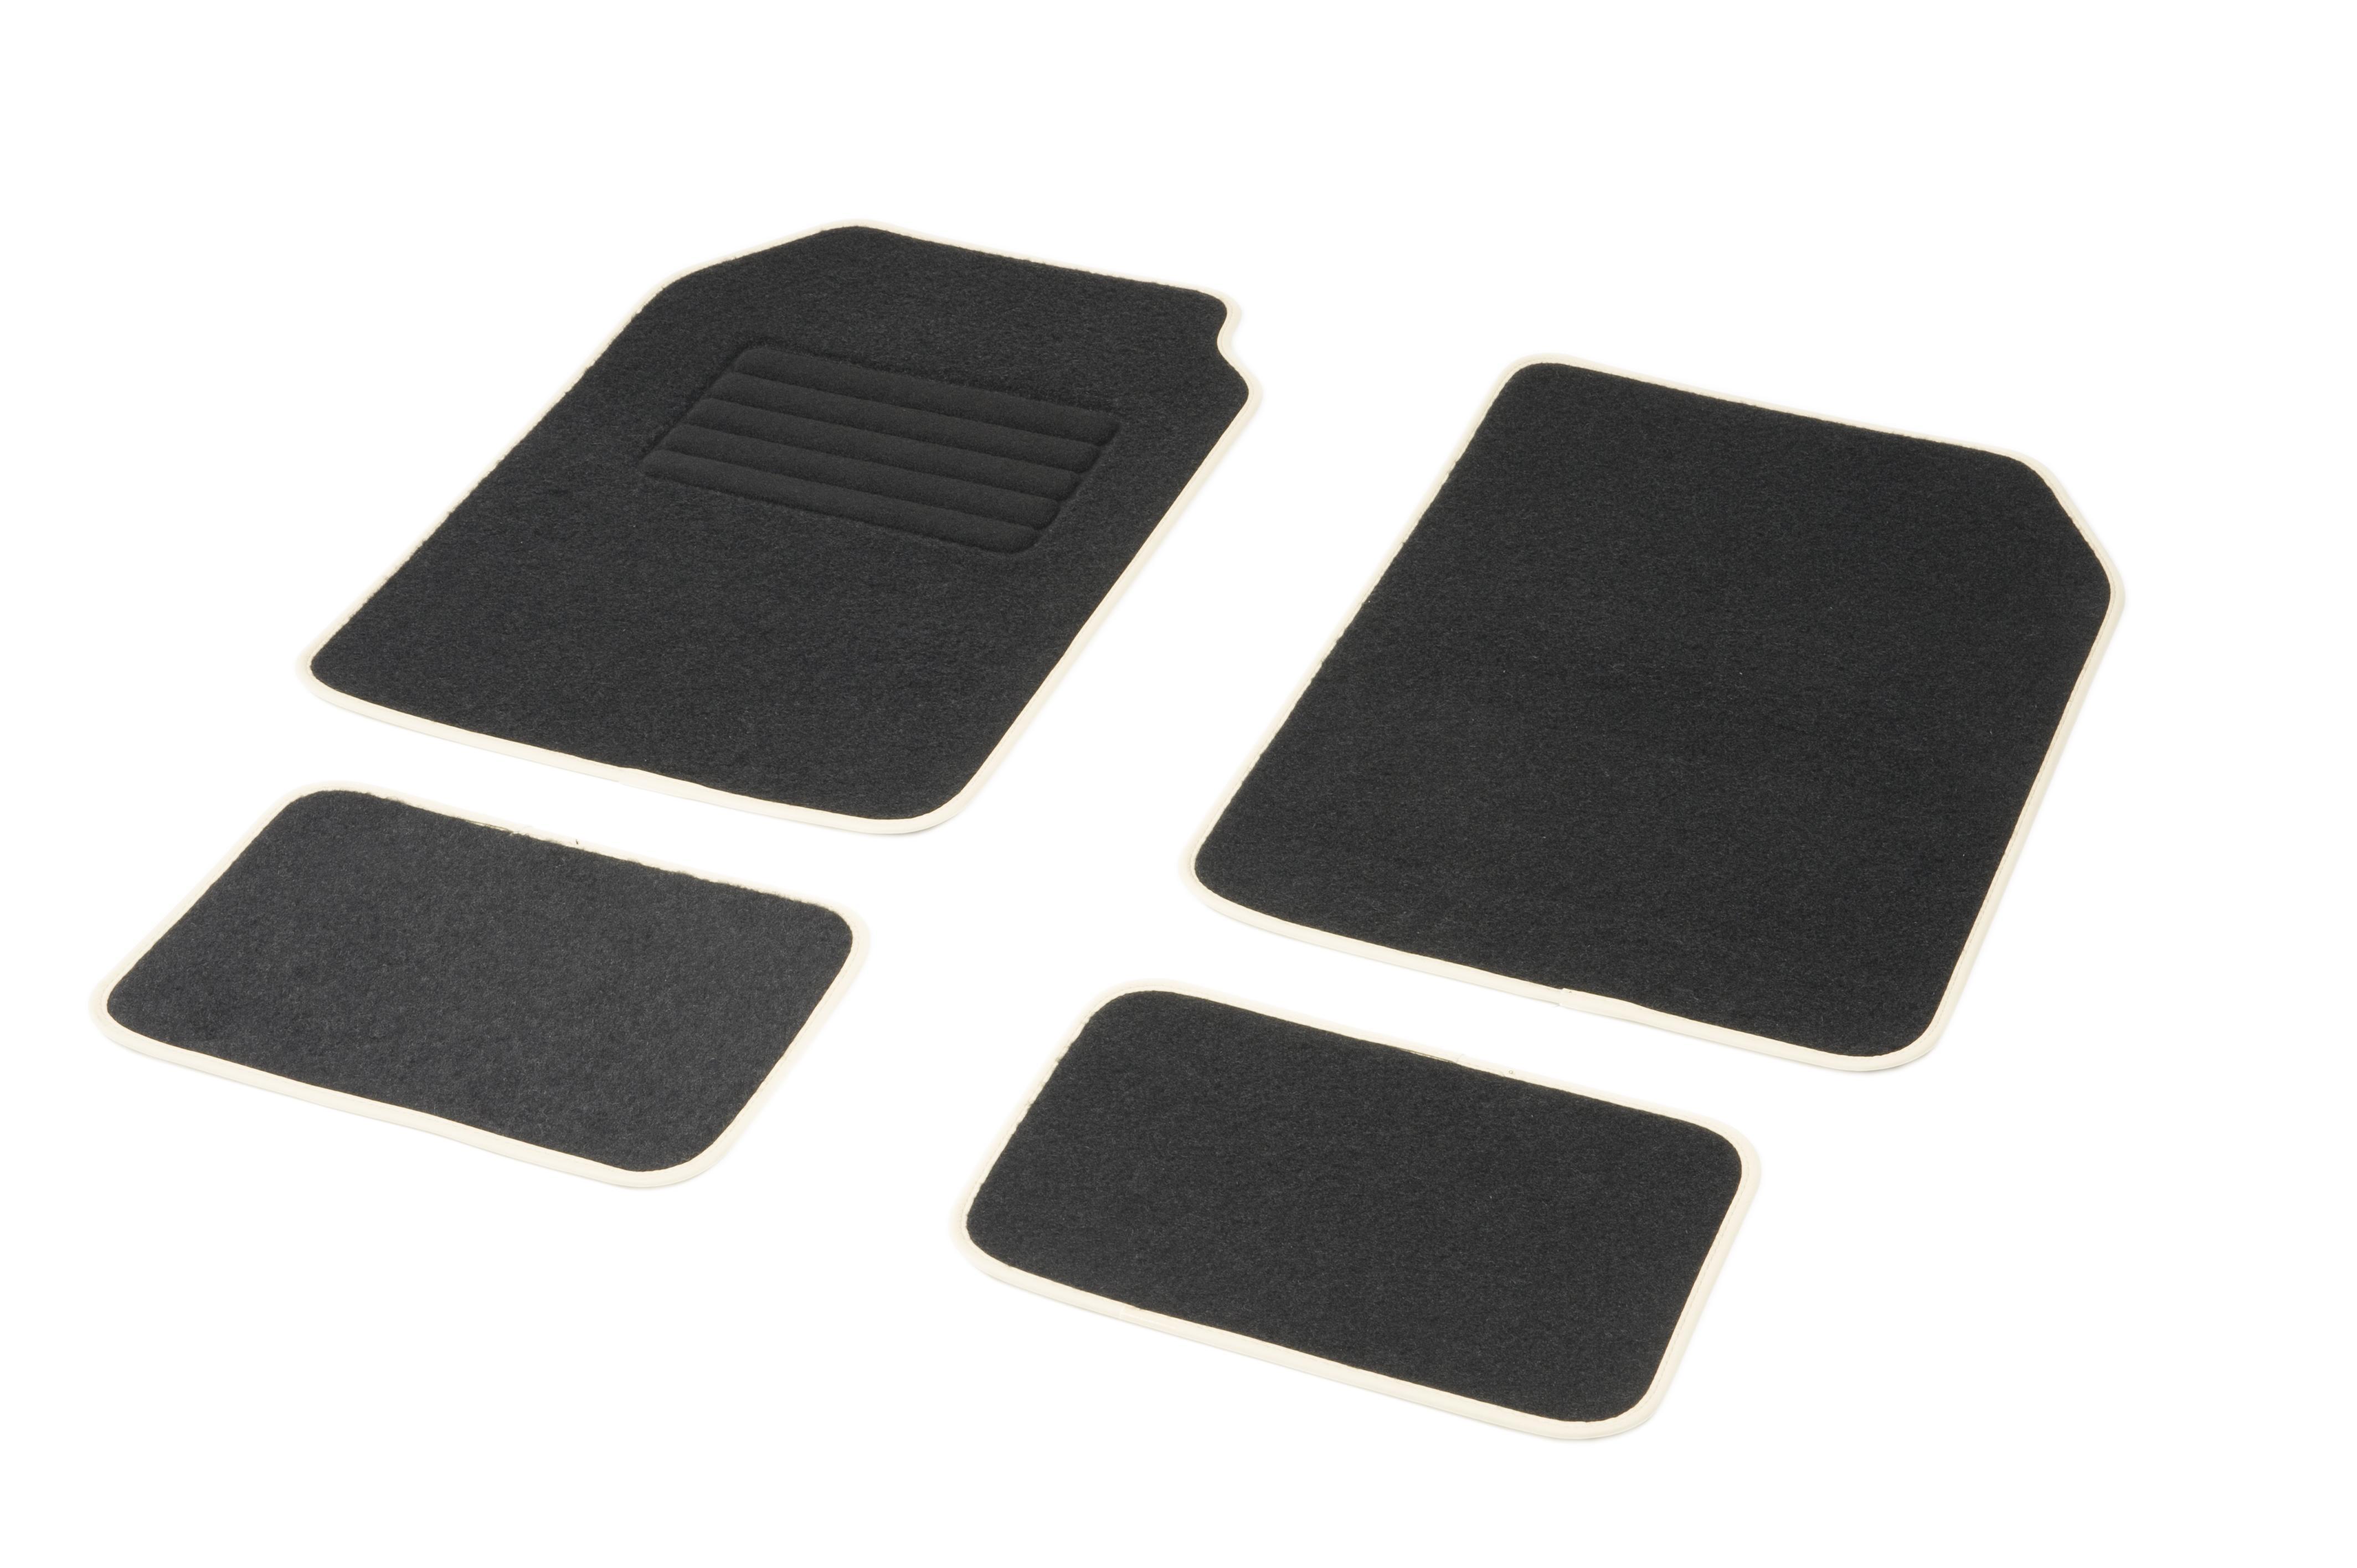 Achat de 01765762 DBS Adaptation universelle, STANDARD Textile, avant et arrière, Quantité: 4, blanc, noir Taille: 73х46 Ensemble de tapis de sol 01765762 pas chères